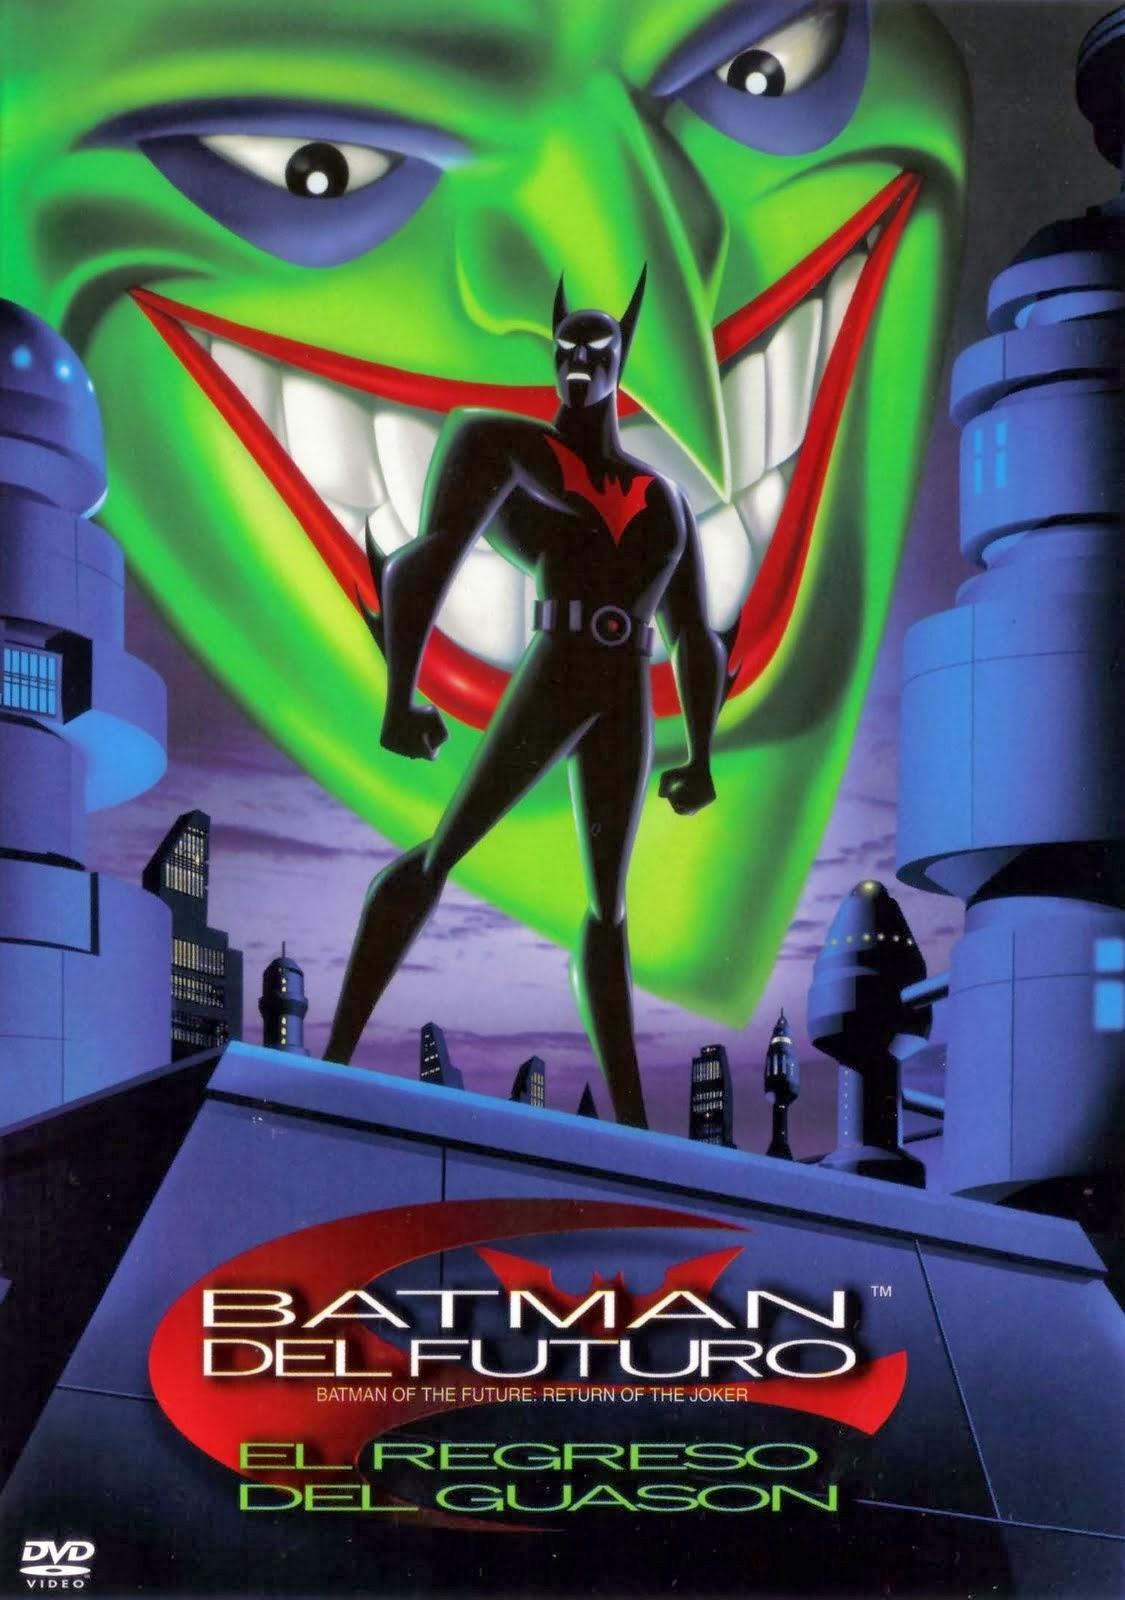 [AVH] Colección DVD Batman La Serie Animada - Página 3 Batman+del+Futuro+El+Regreso+del+Guas%C3%B3n